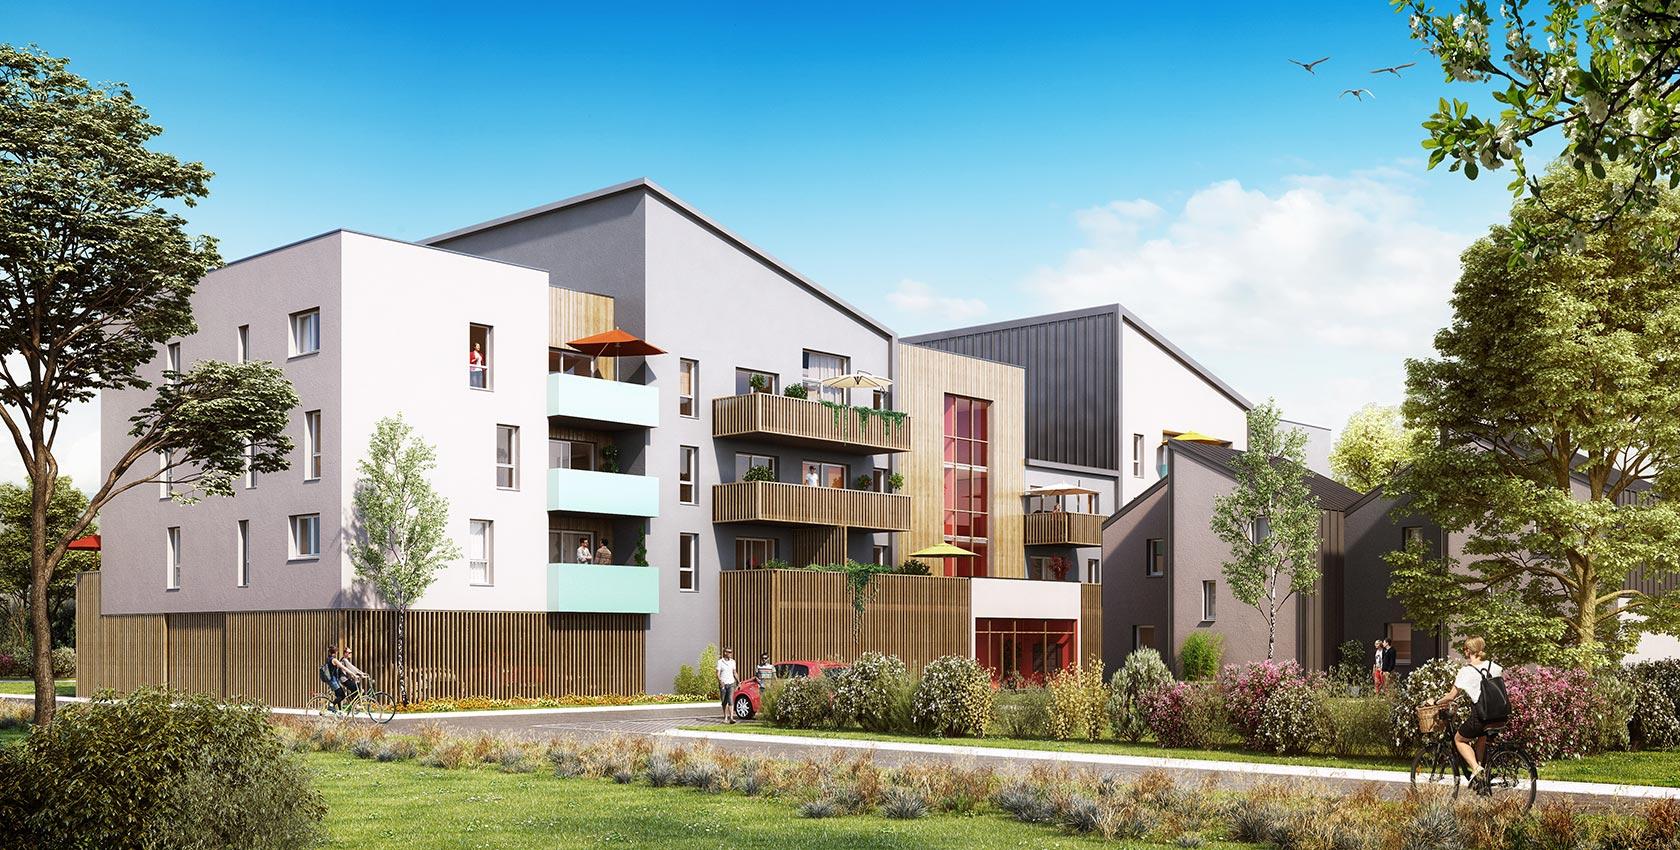 Agence Johanne San - Résidence « My Street » - Construction de 65 logements dans la ZAC des Capucins à Angers